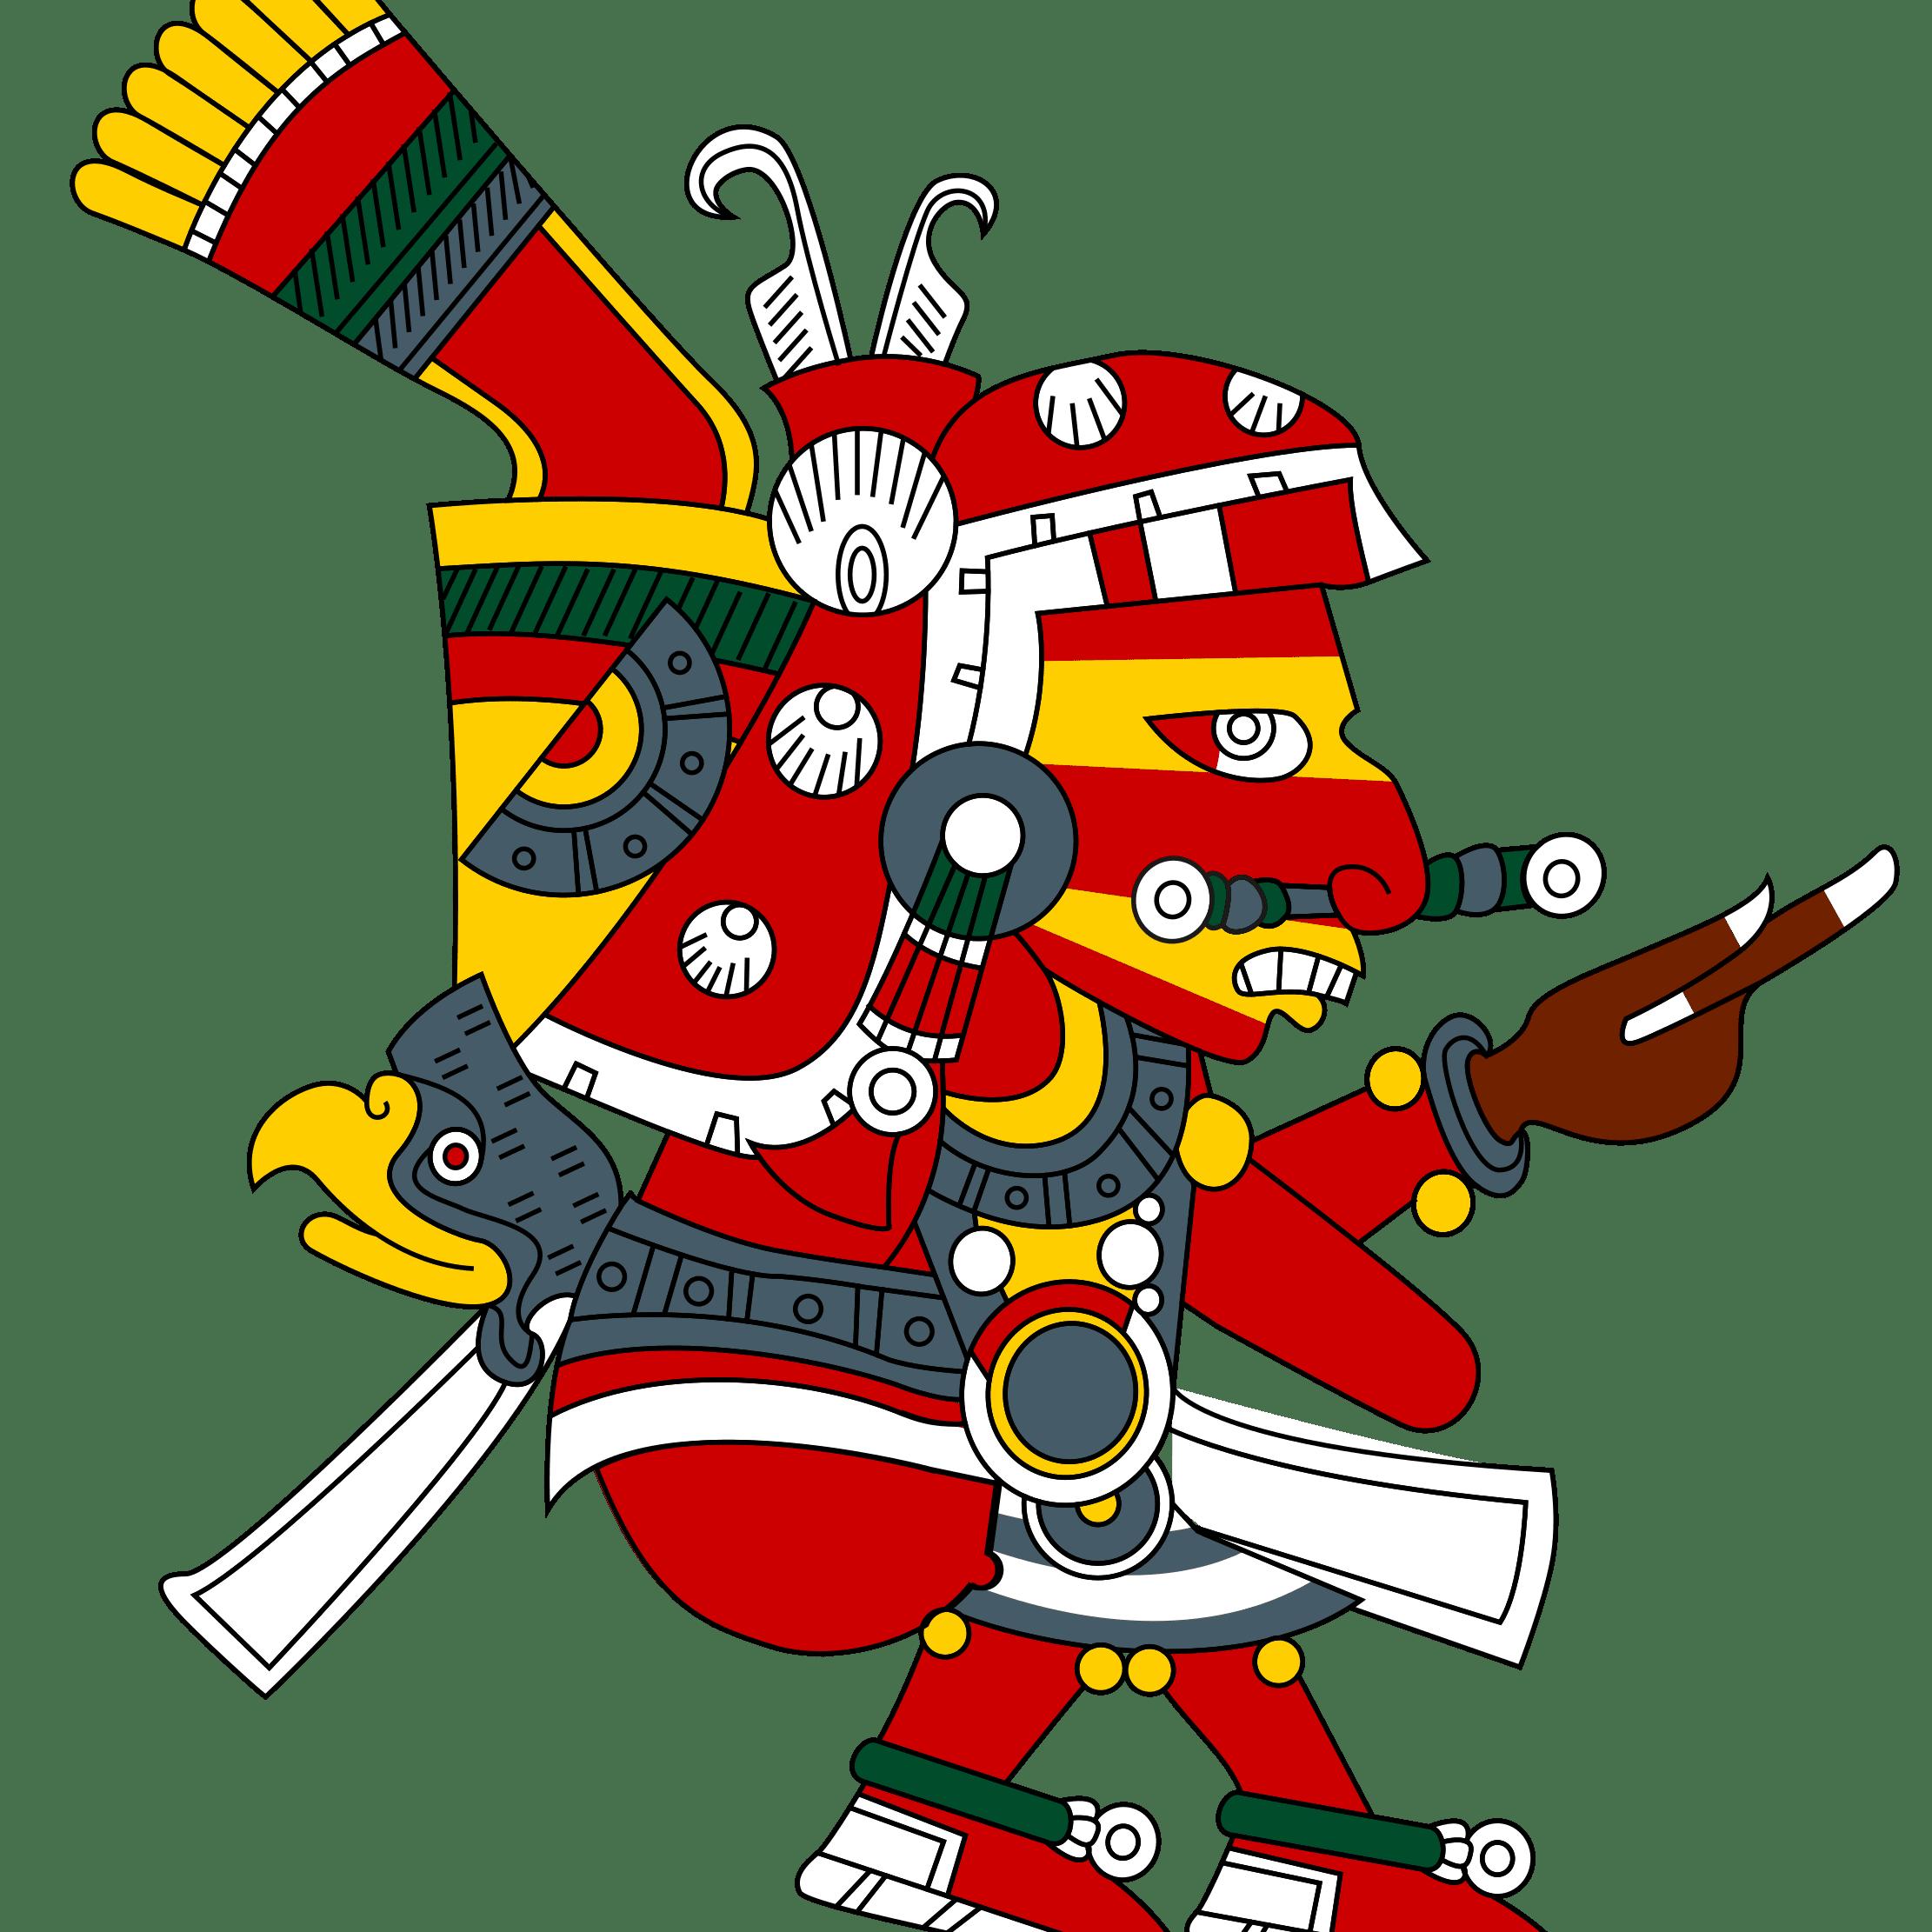 Xipe Totec, Based on the Borgia Codex